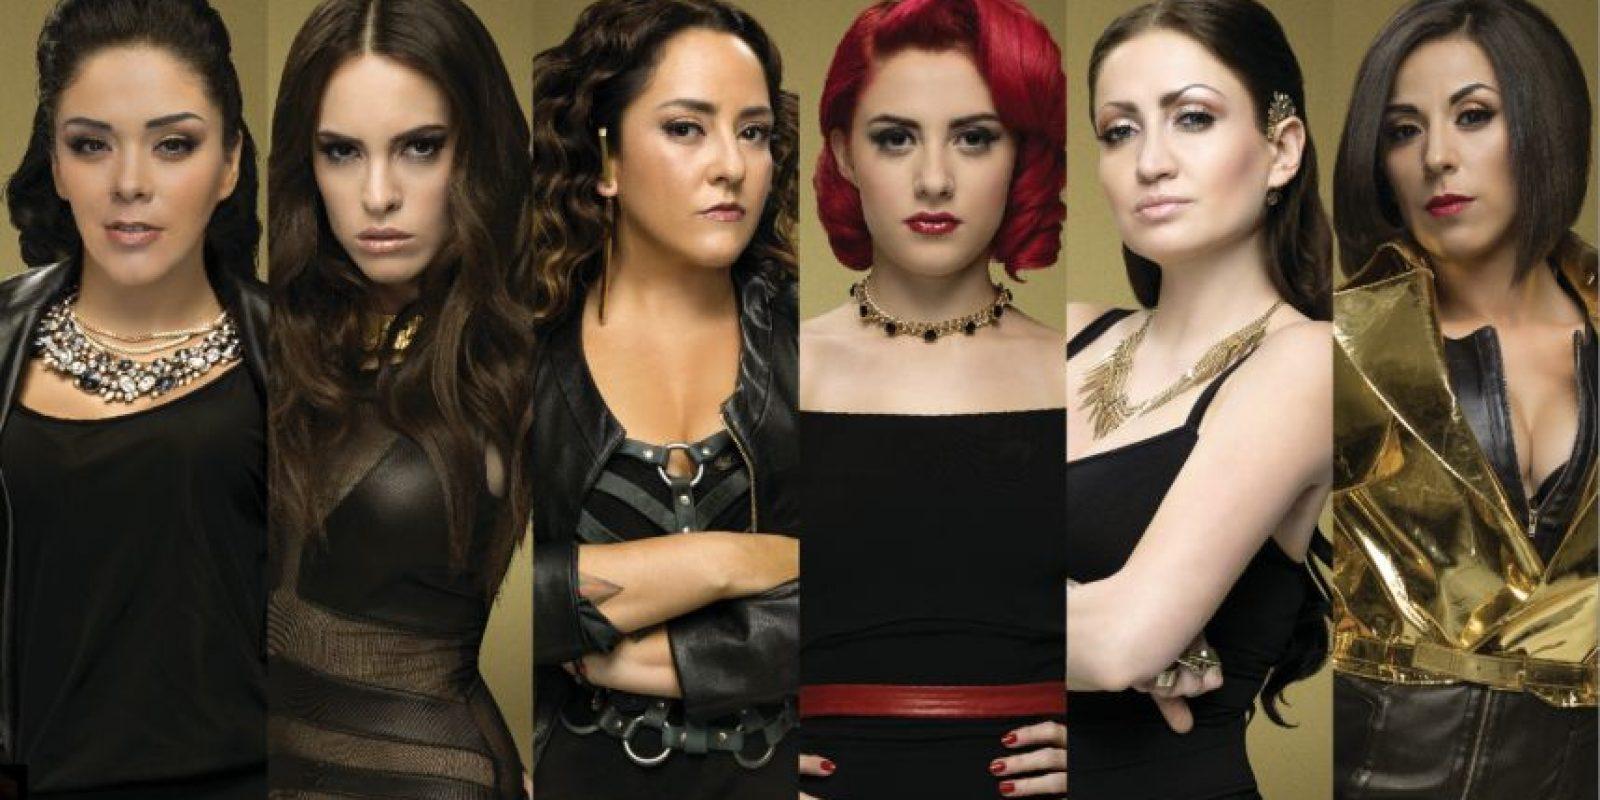 Este reality dará acceso exclusivo al mundo de estas seis mujeres que viven sus vidas sin inhibiciones. Foto:Cortesía